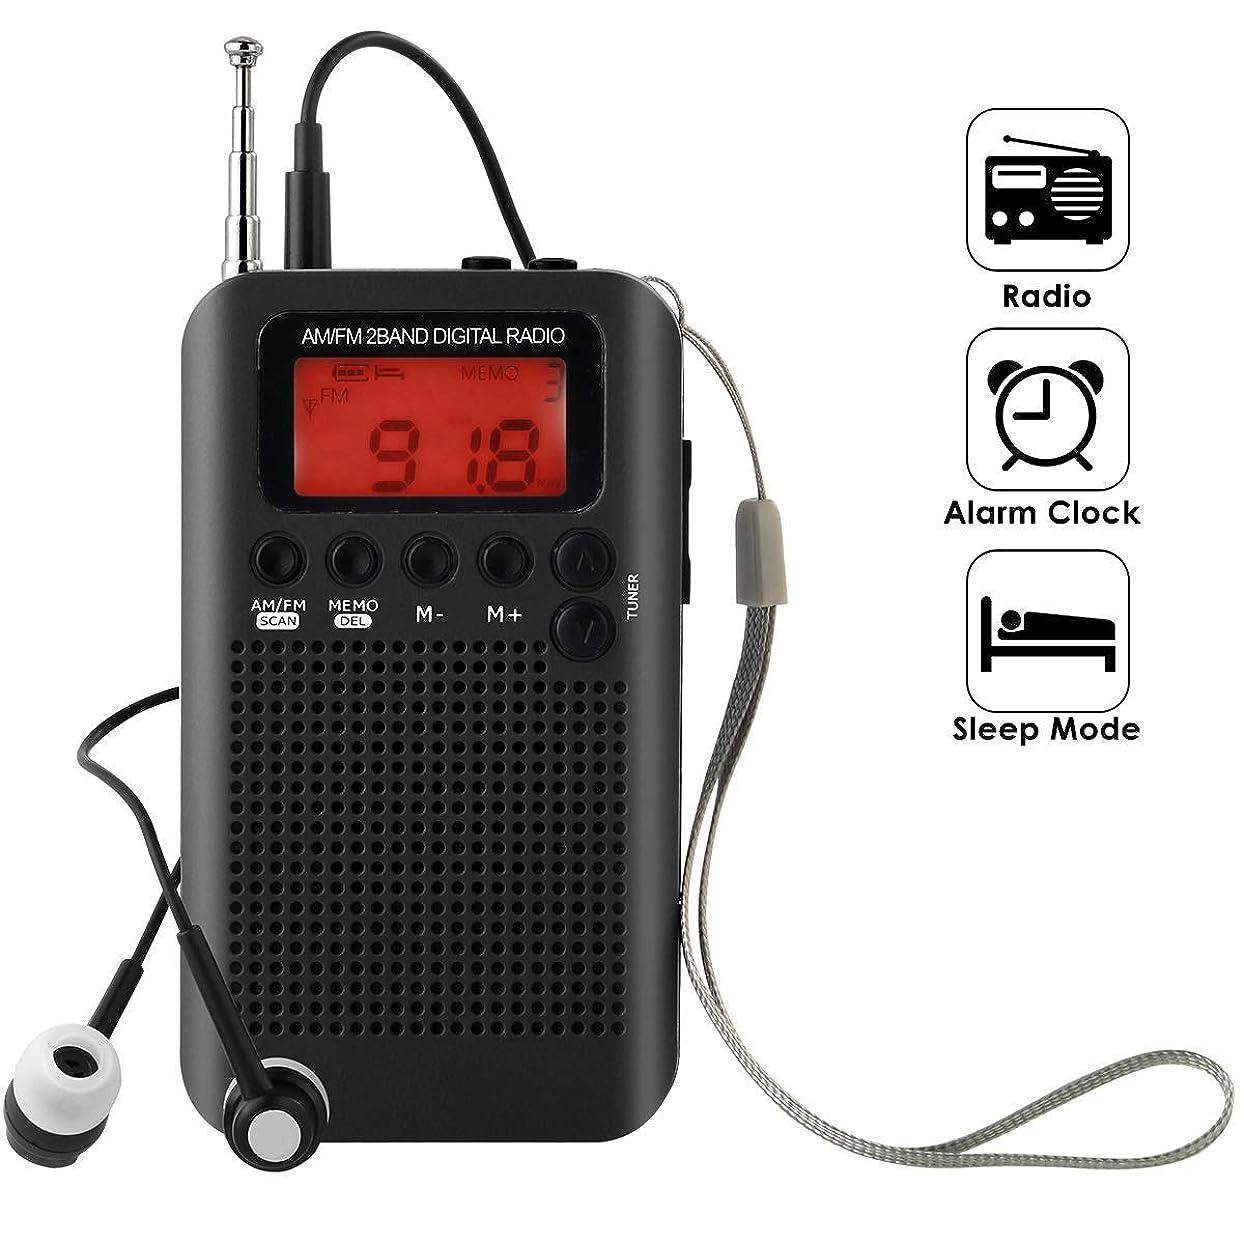 ベーシックタバコ今までACHICOO ステレオラジオ AM FM 2バンドラジオ ラジオ 目覚まし時計&スリープタイマー付き デジタルチューニング 3.5mmヘッドフォンジャック 付きウォーキングジョギングキャンプ用 ポータブル 黒